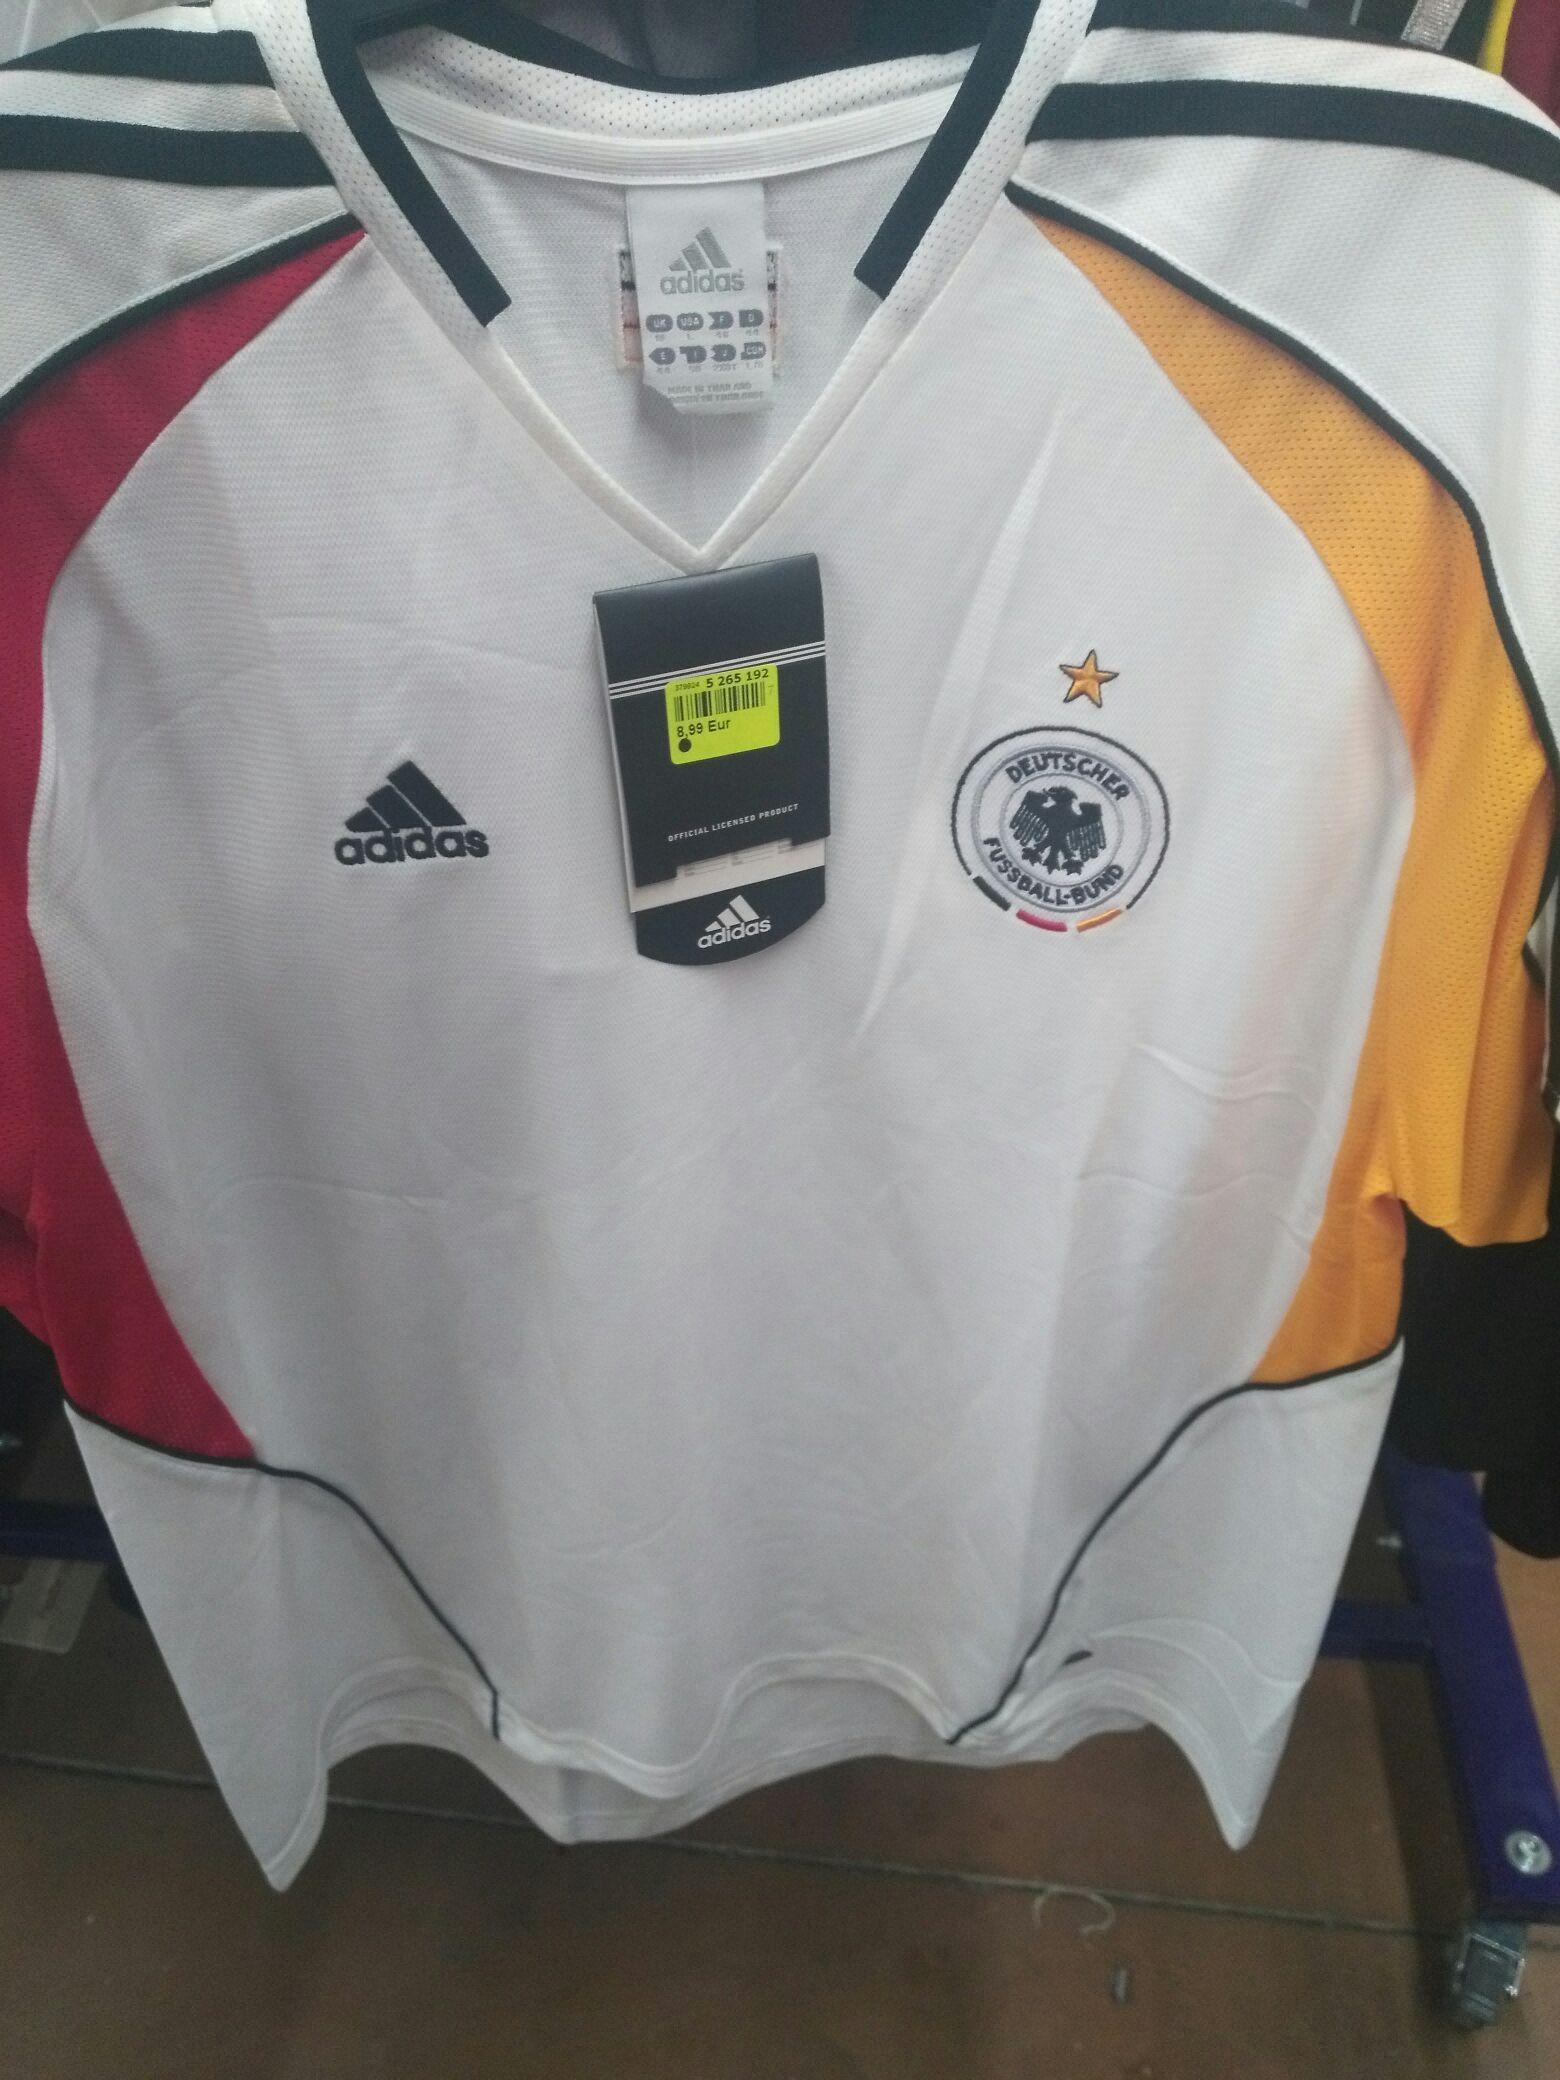 Sélection de maillots de football en promotion - Ex : Adidas Équipe d'Allemagne